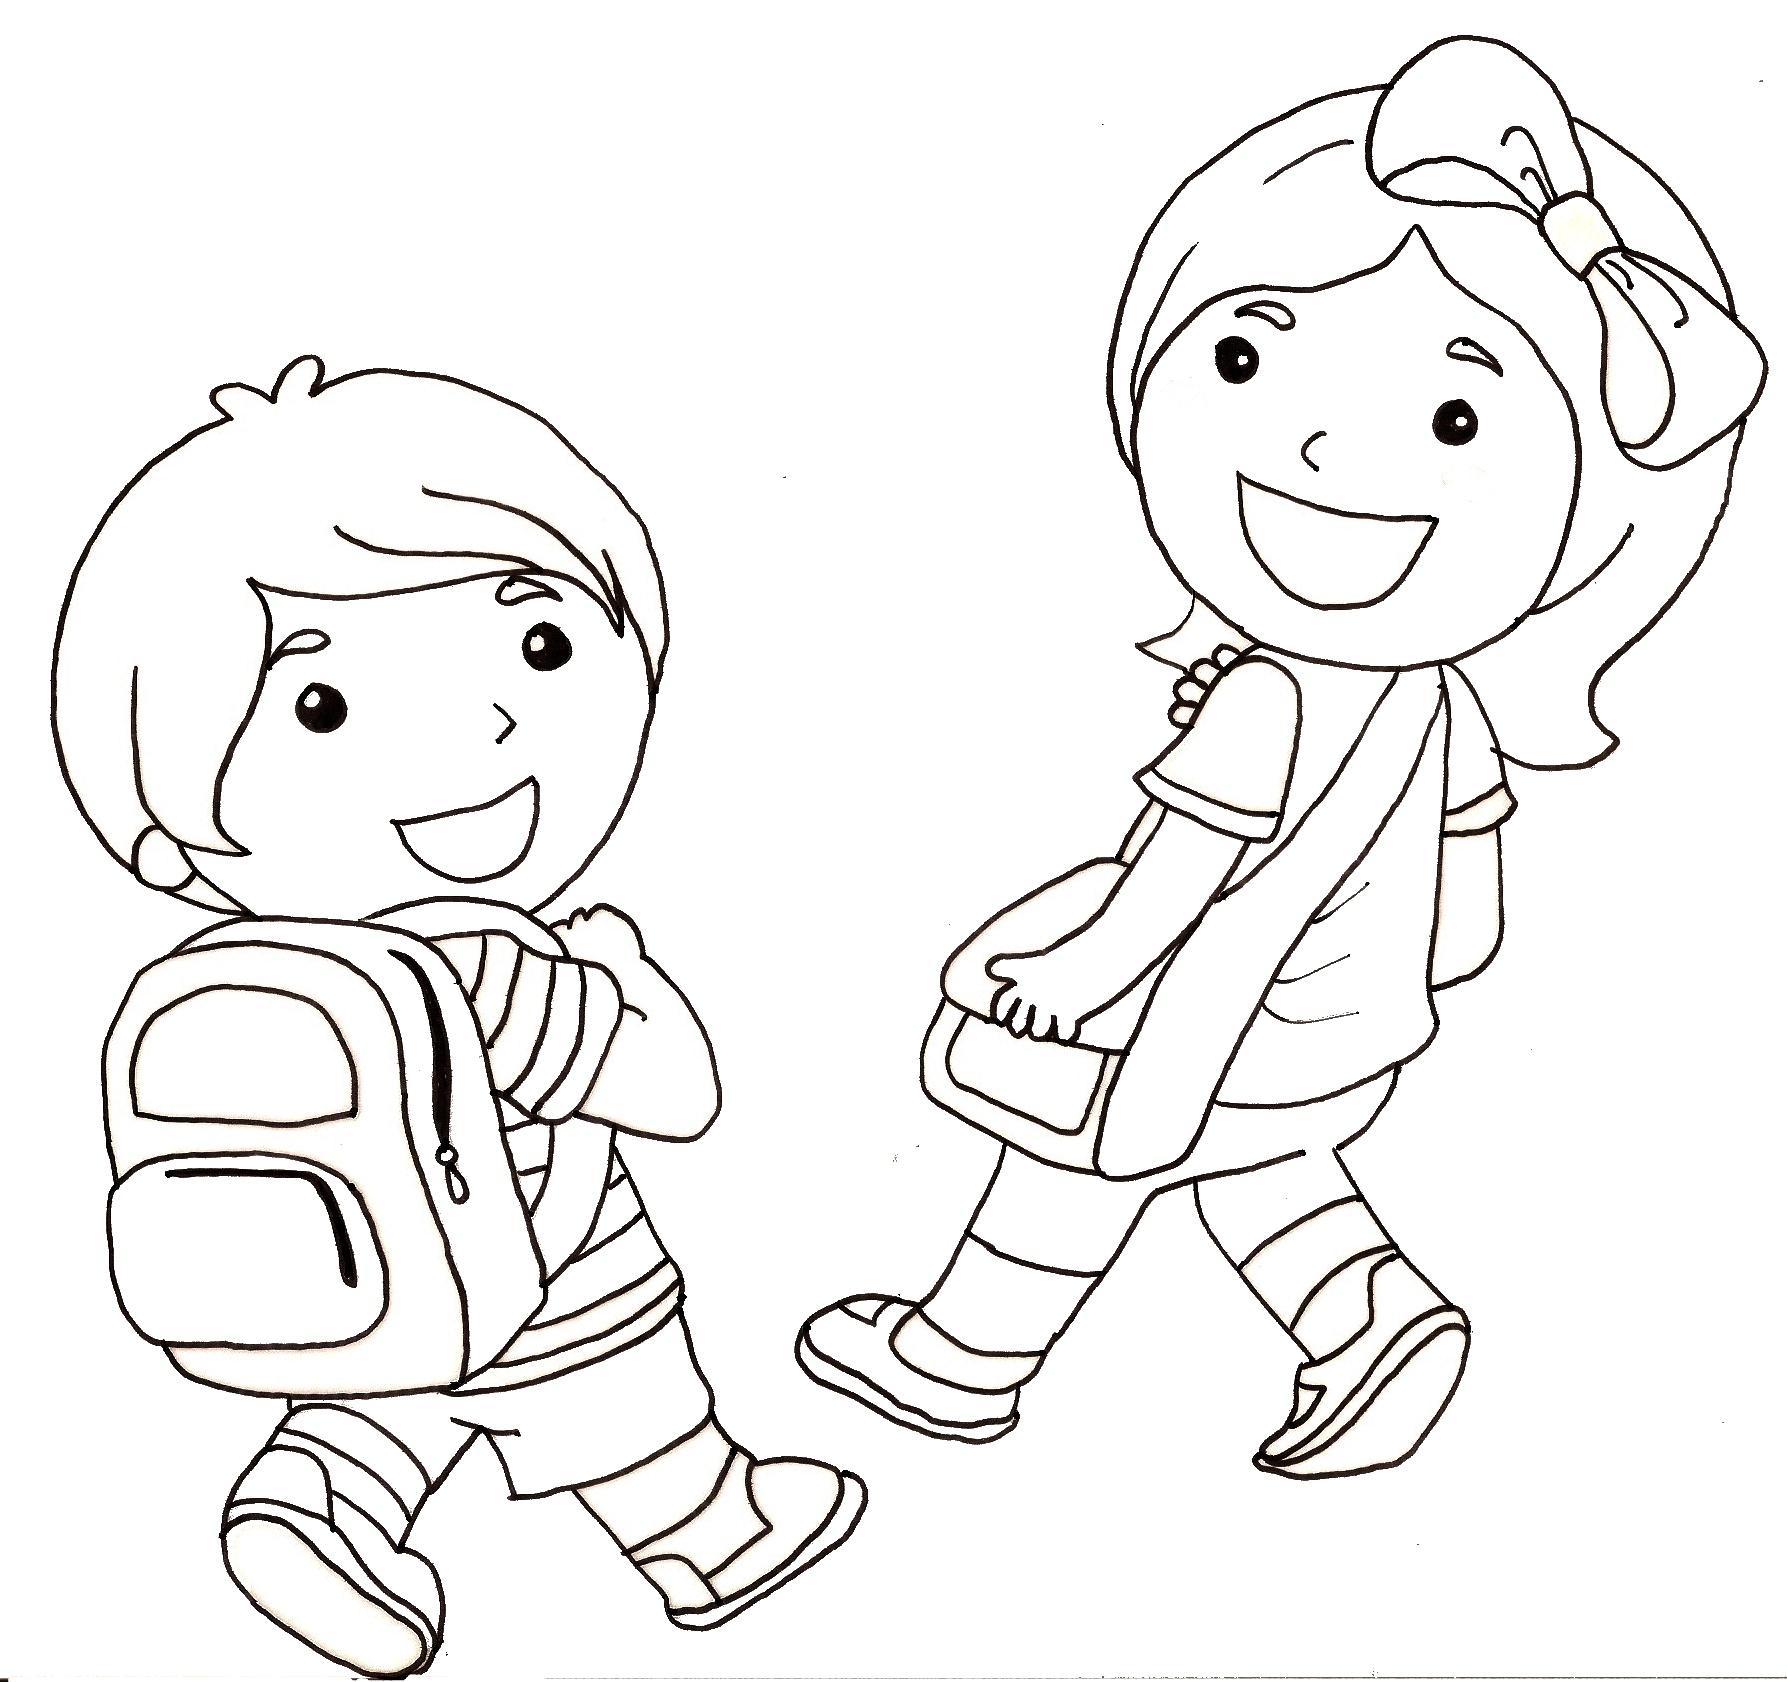 Nouveau image a colorier pour la rentree scolaire - Dessin rentree ...